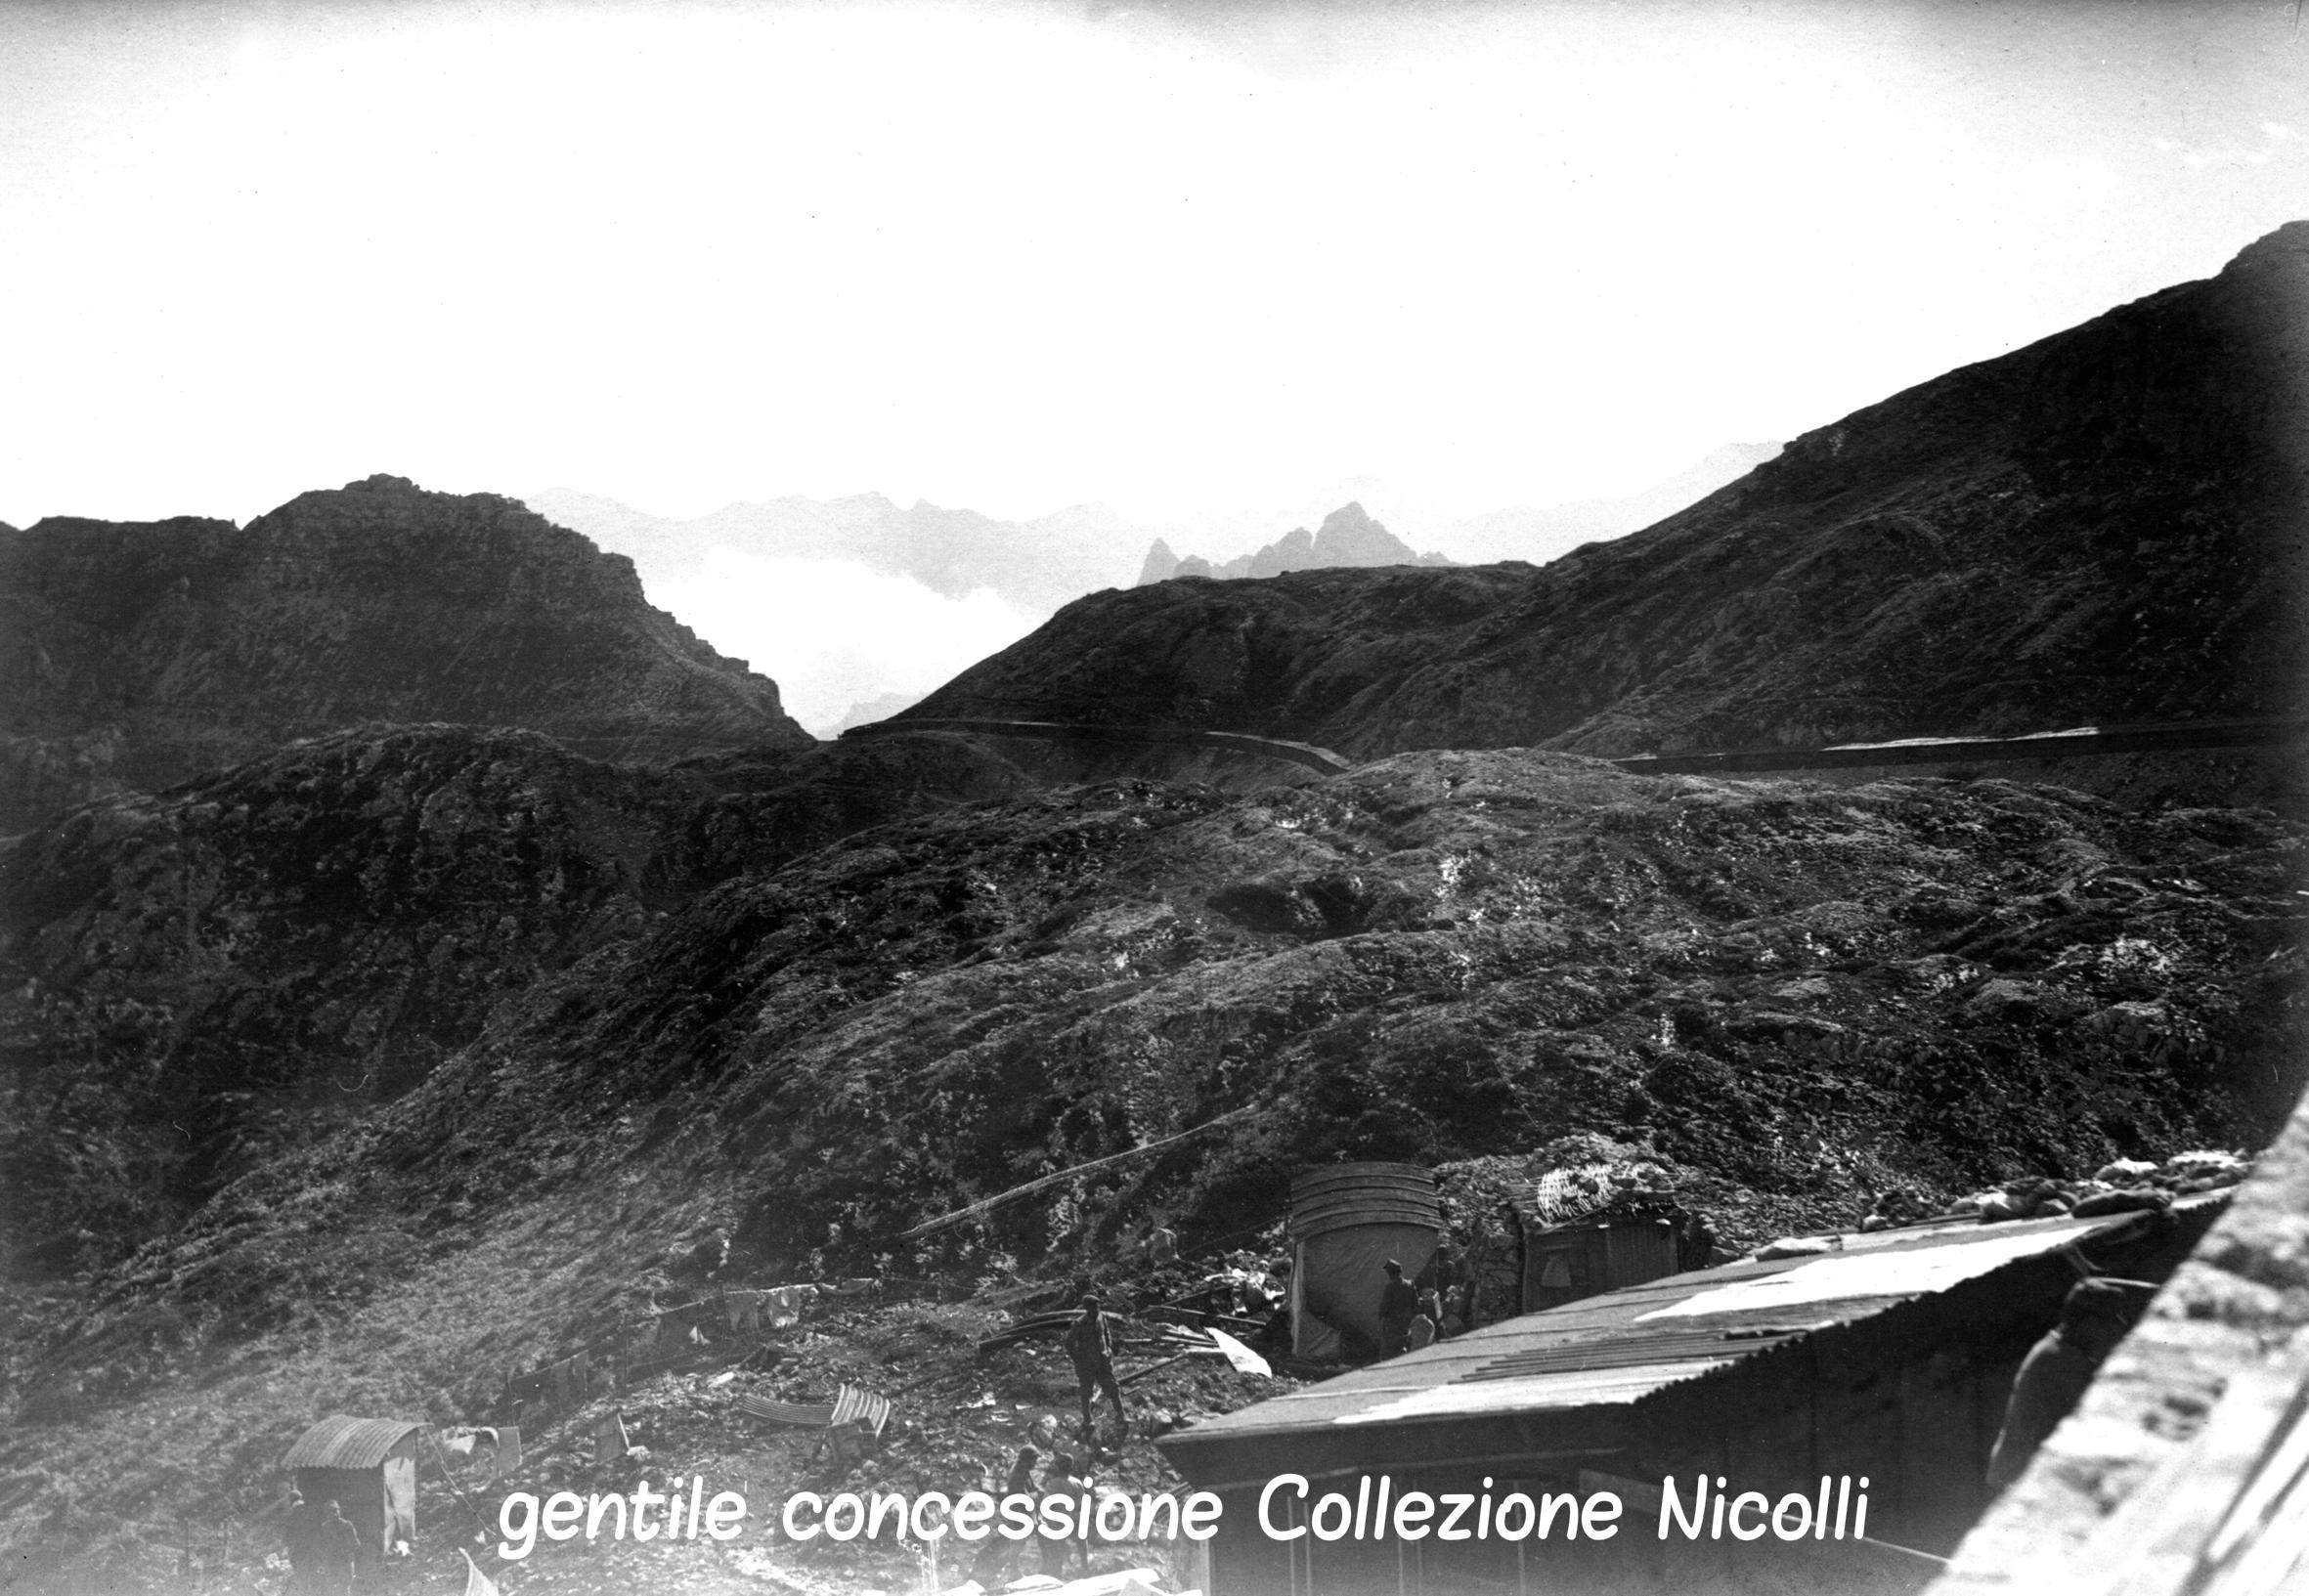 12 - Baraccamenti italiani in Pasubio appena sotto Passo sette Croci in estate (coll nicolli) (c).jpg